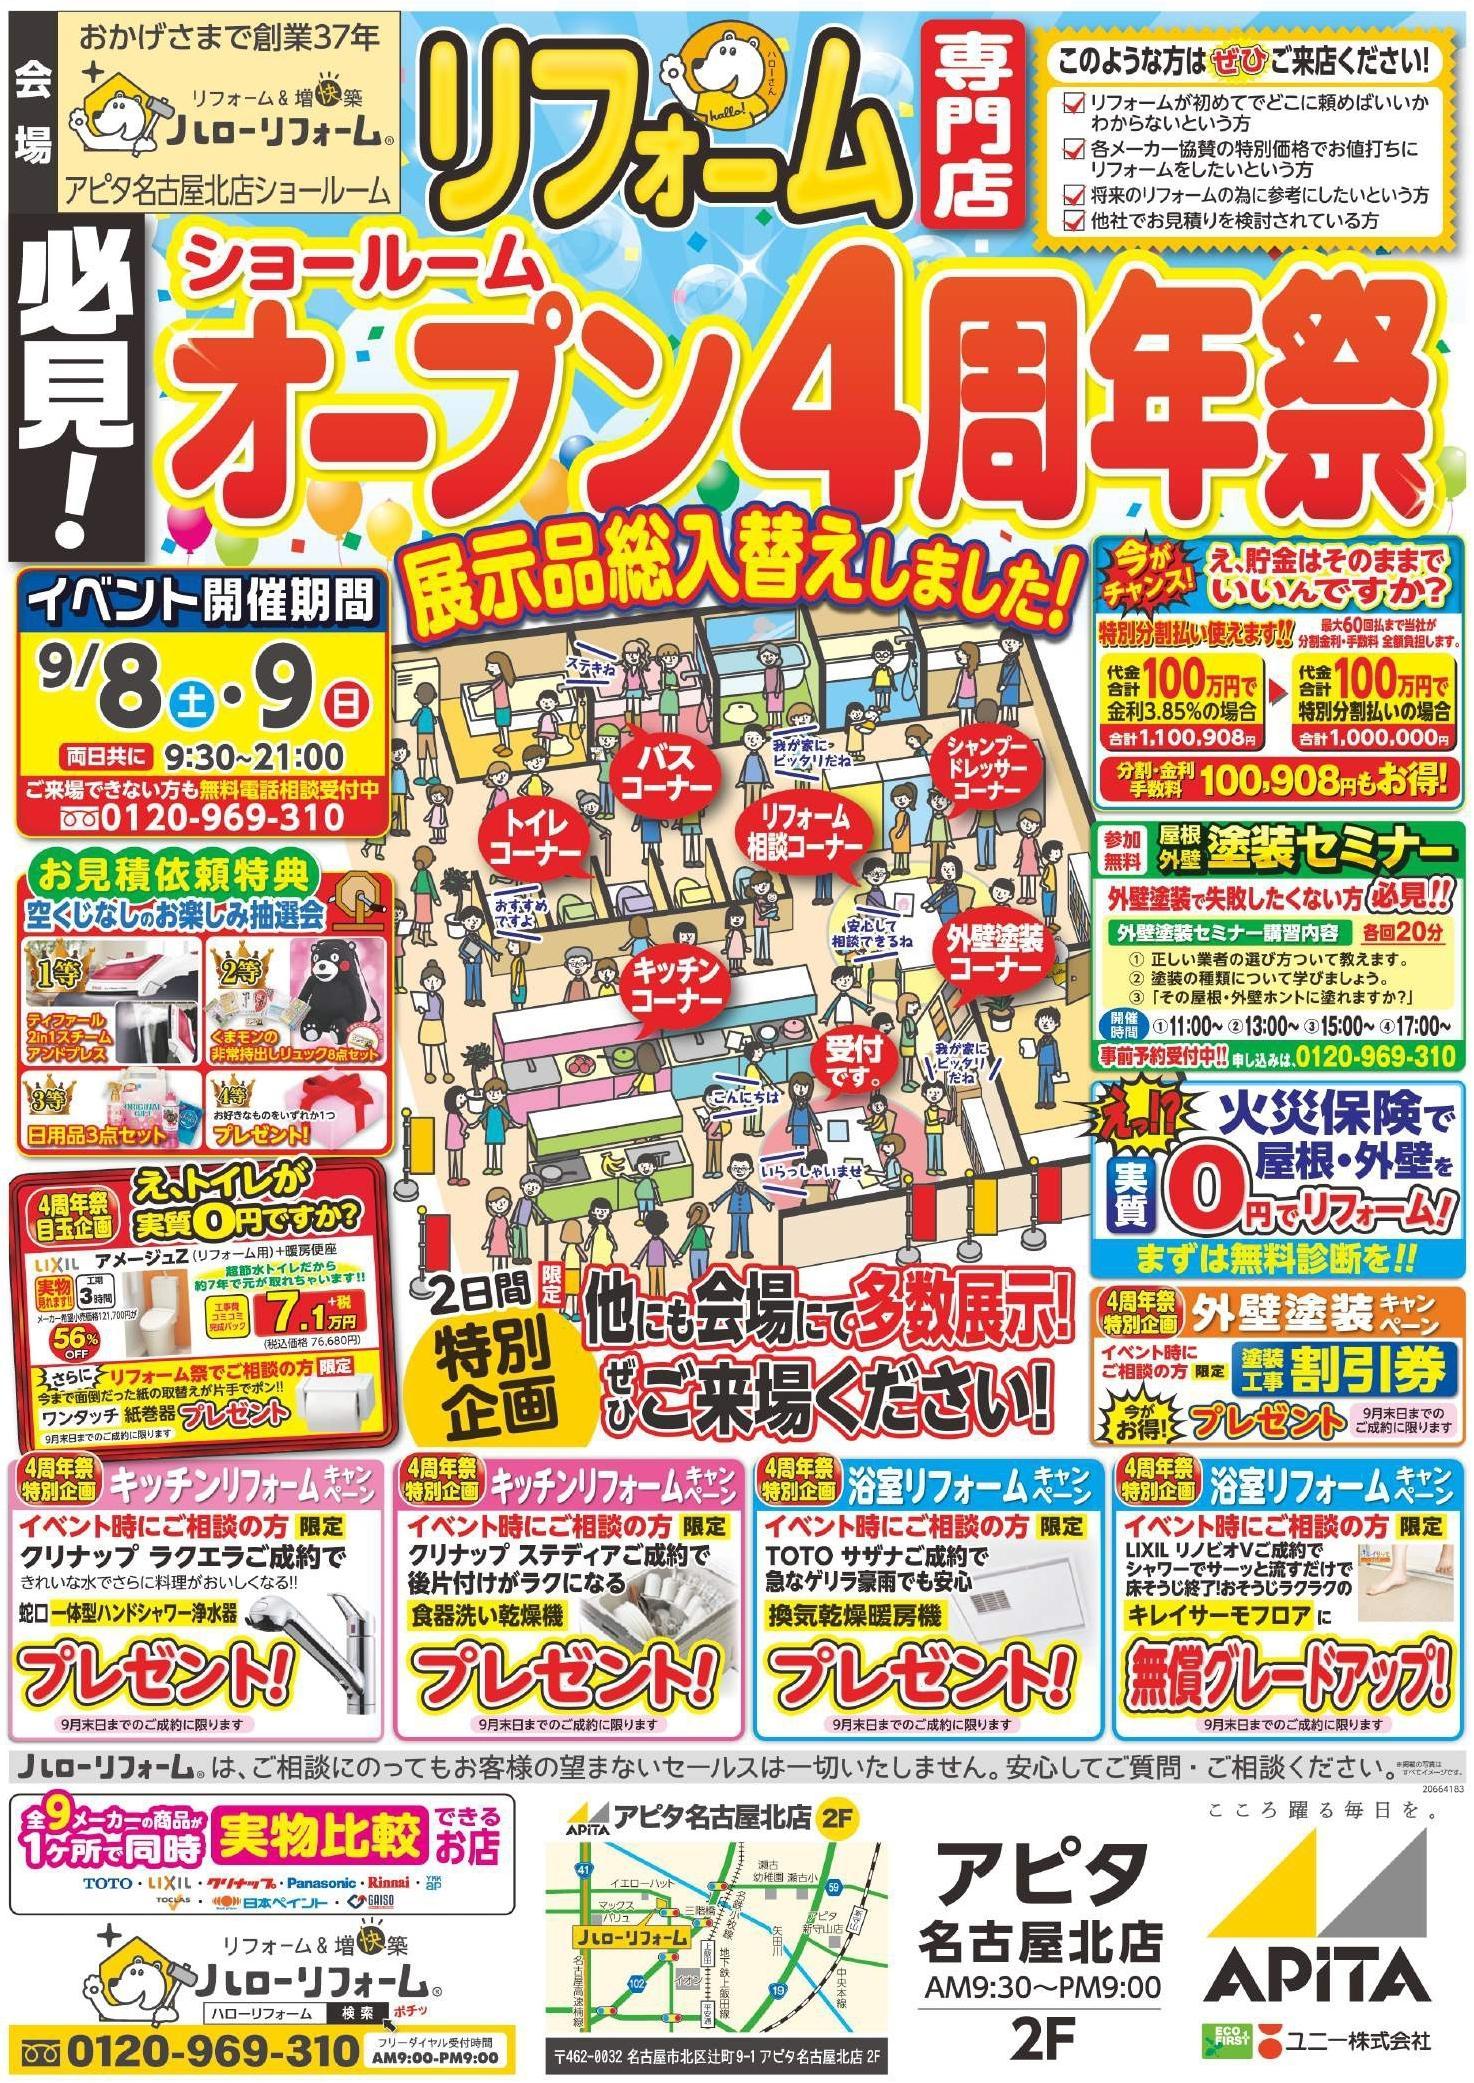 ショールームオープン4周年祭(アピタ名古屋北店)